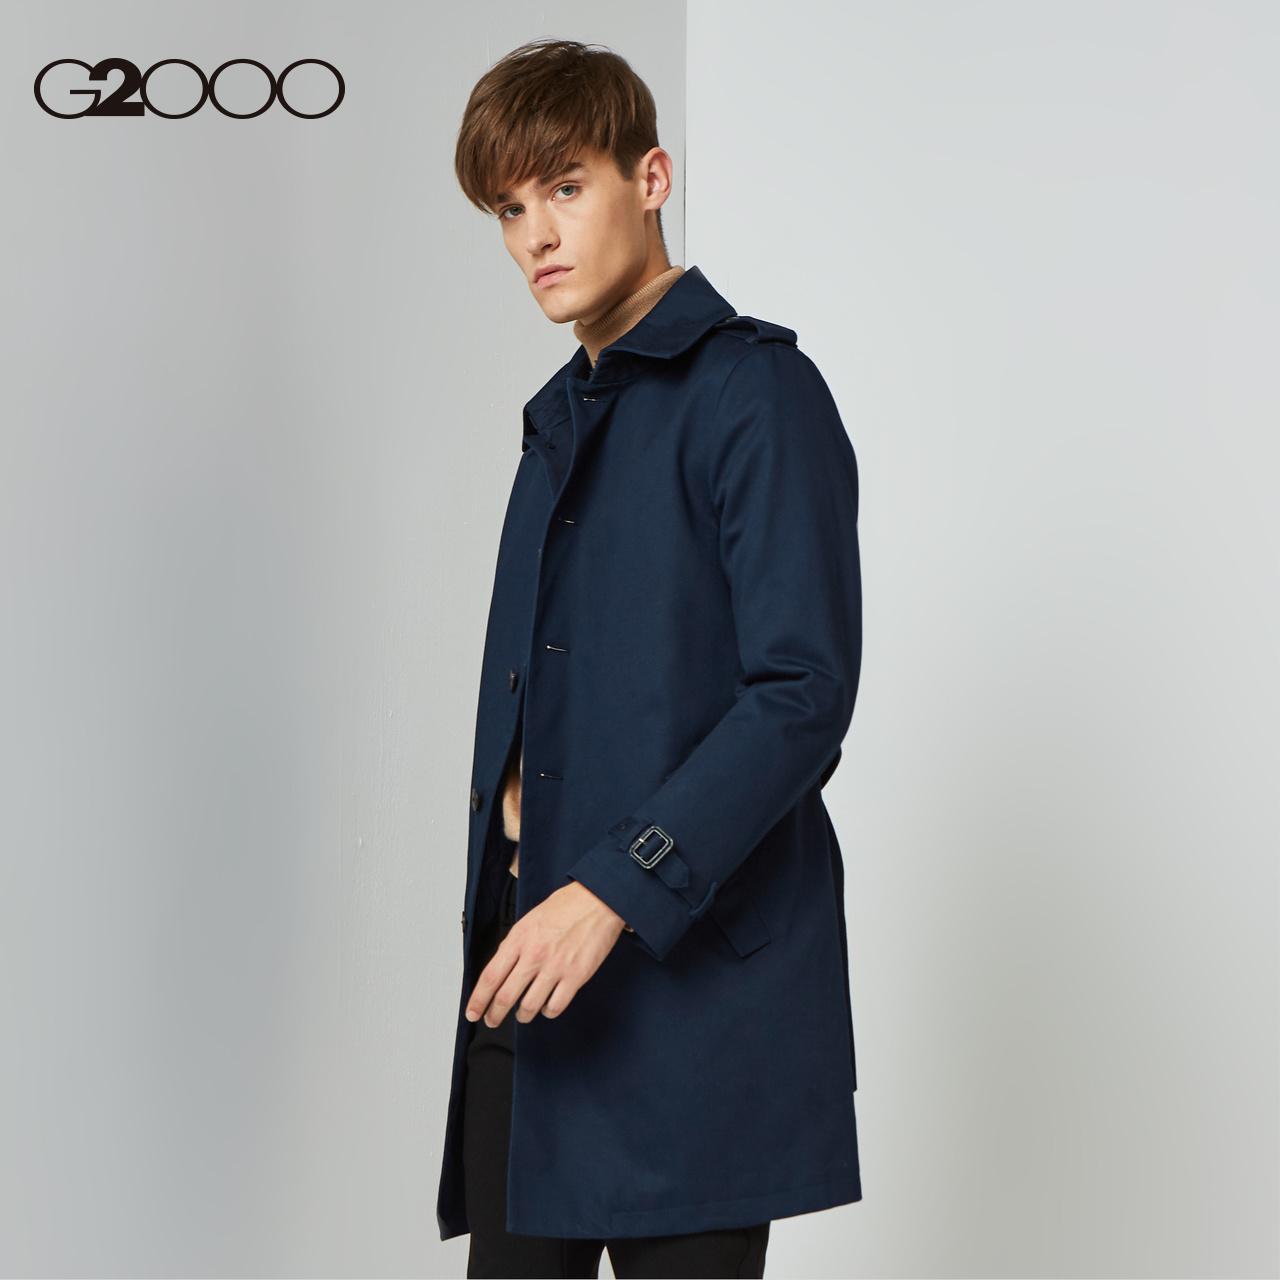 G2000男装翻领风衣中长款 2018秋冬新款3M高效保暖面料潮流外套